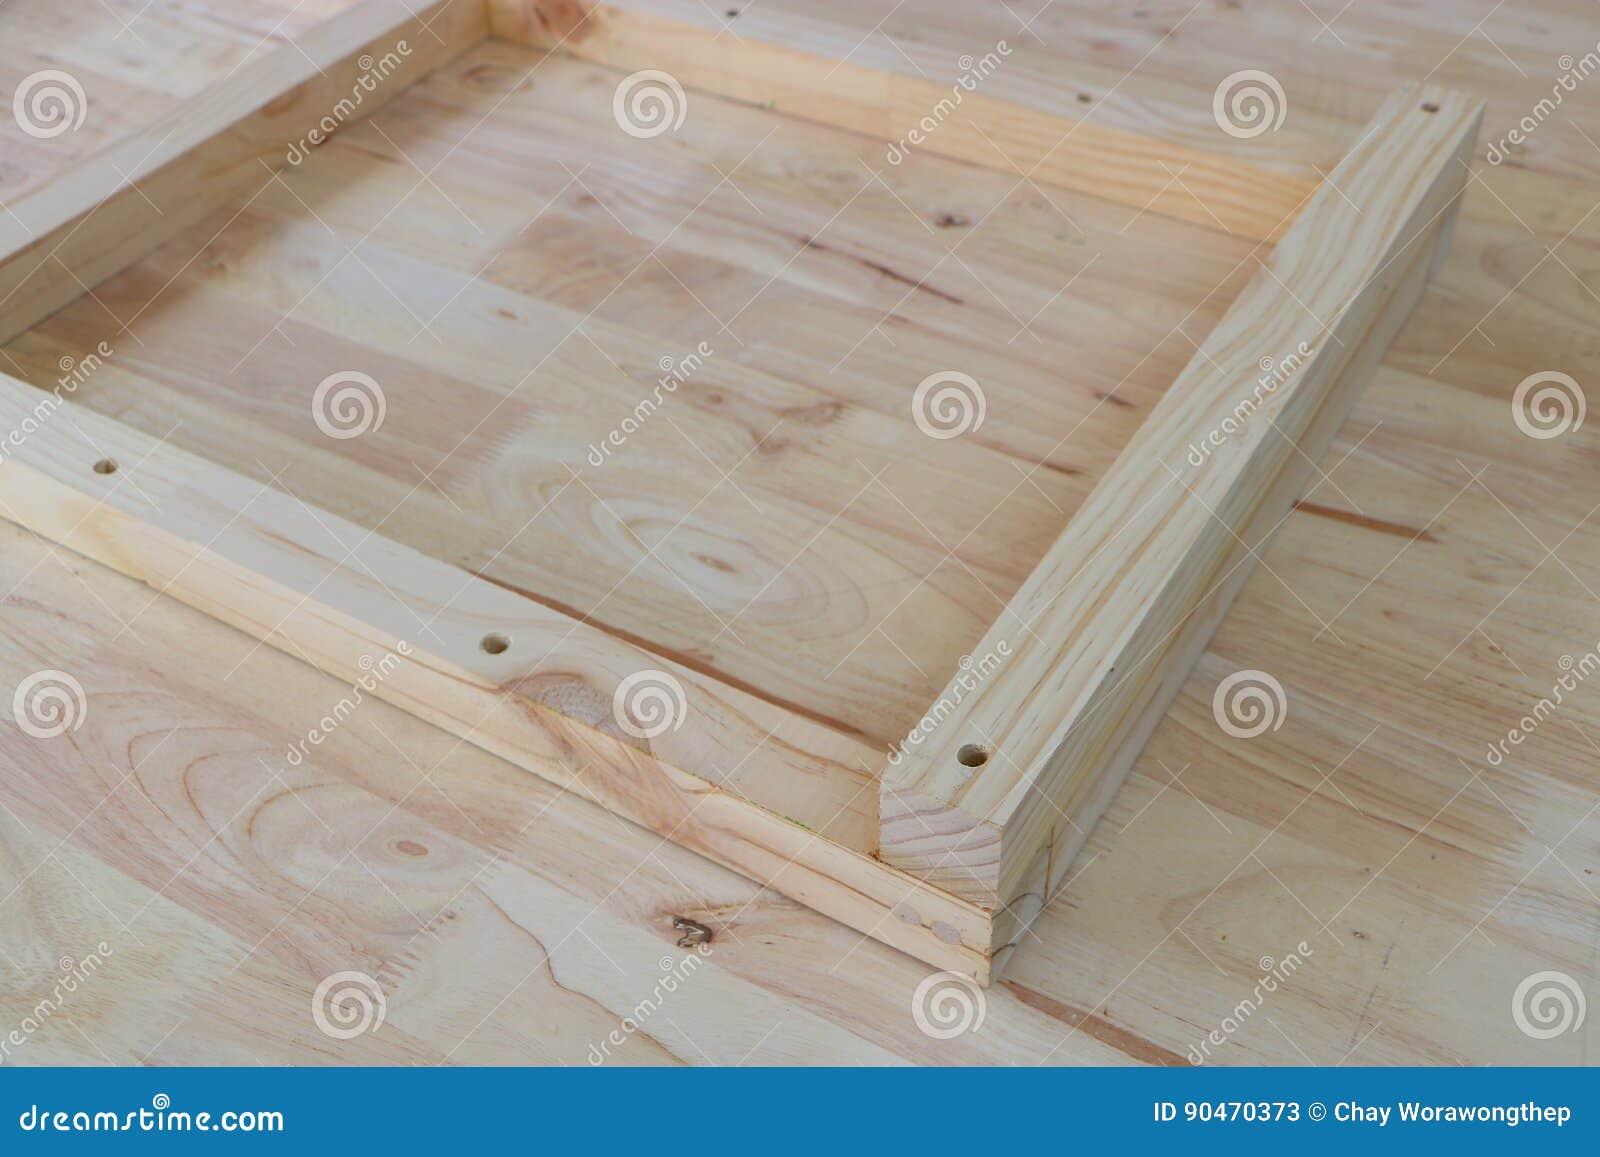 Zusammenbauende Möbel, Rahmen Stockbild - Bild von handwerker ...